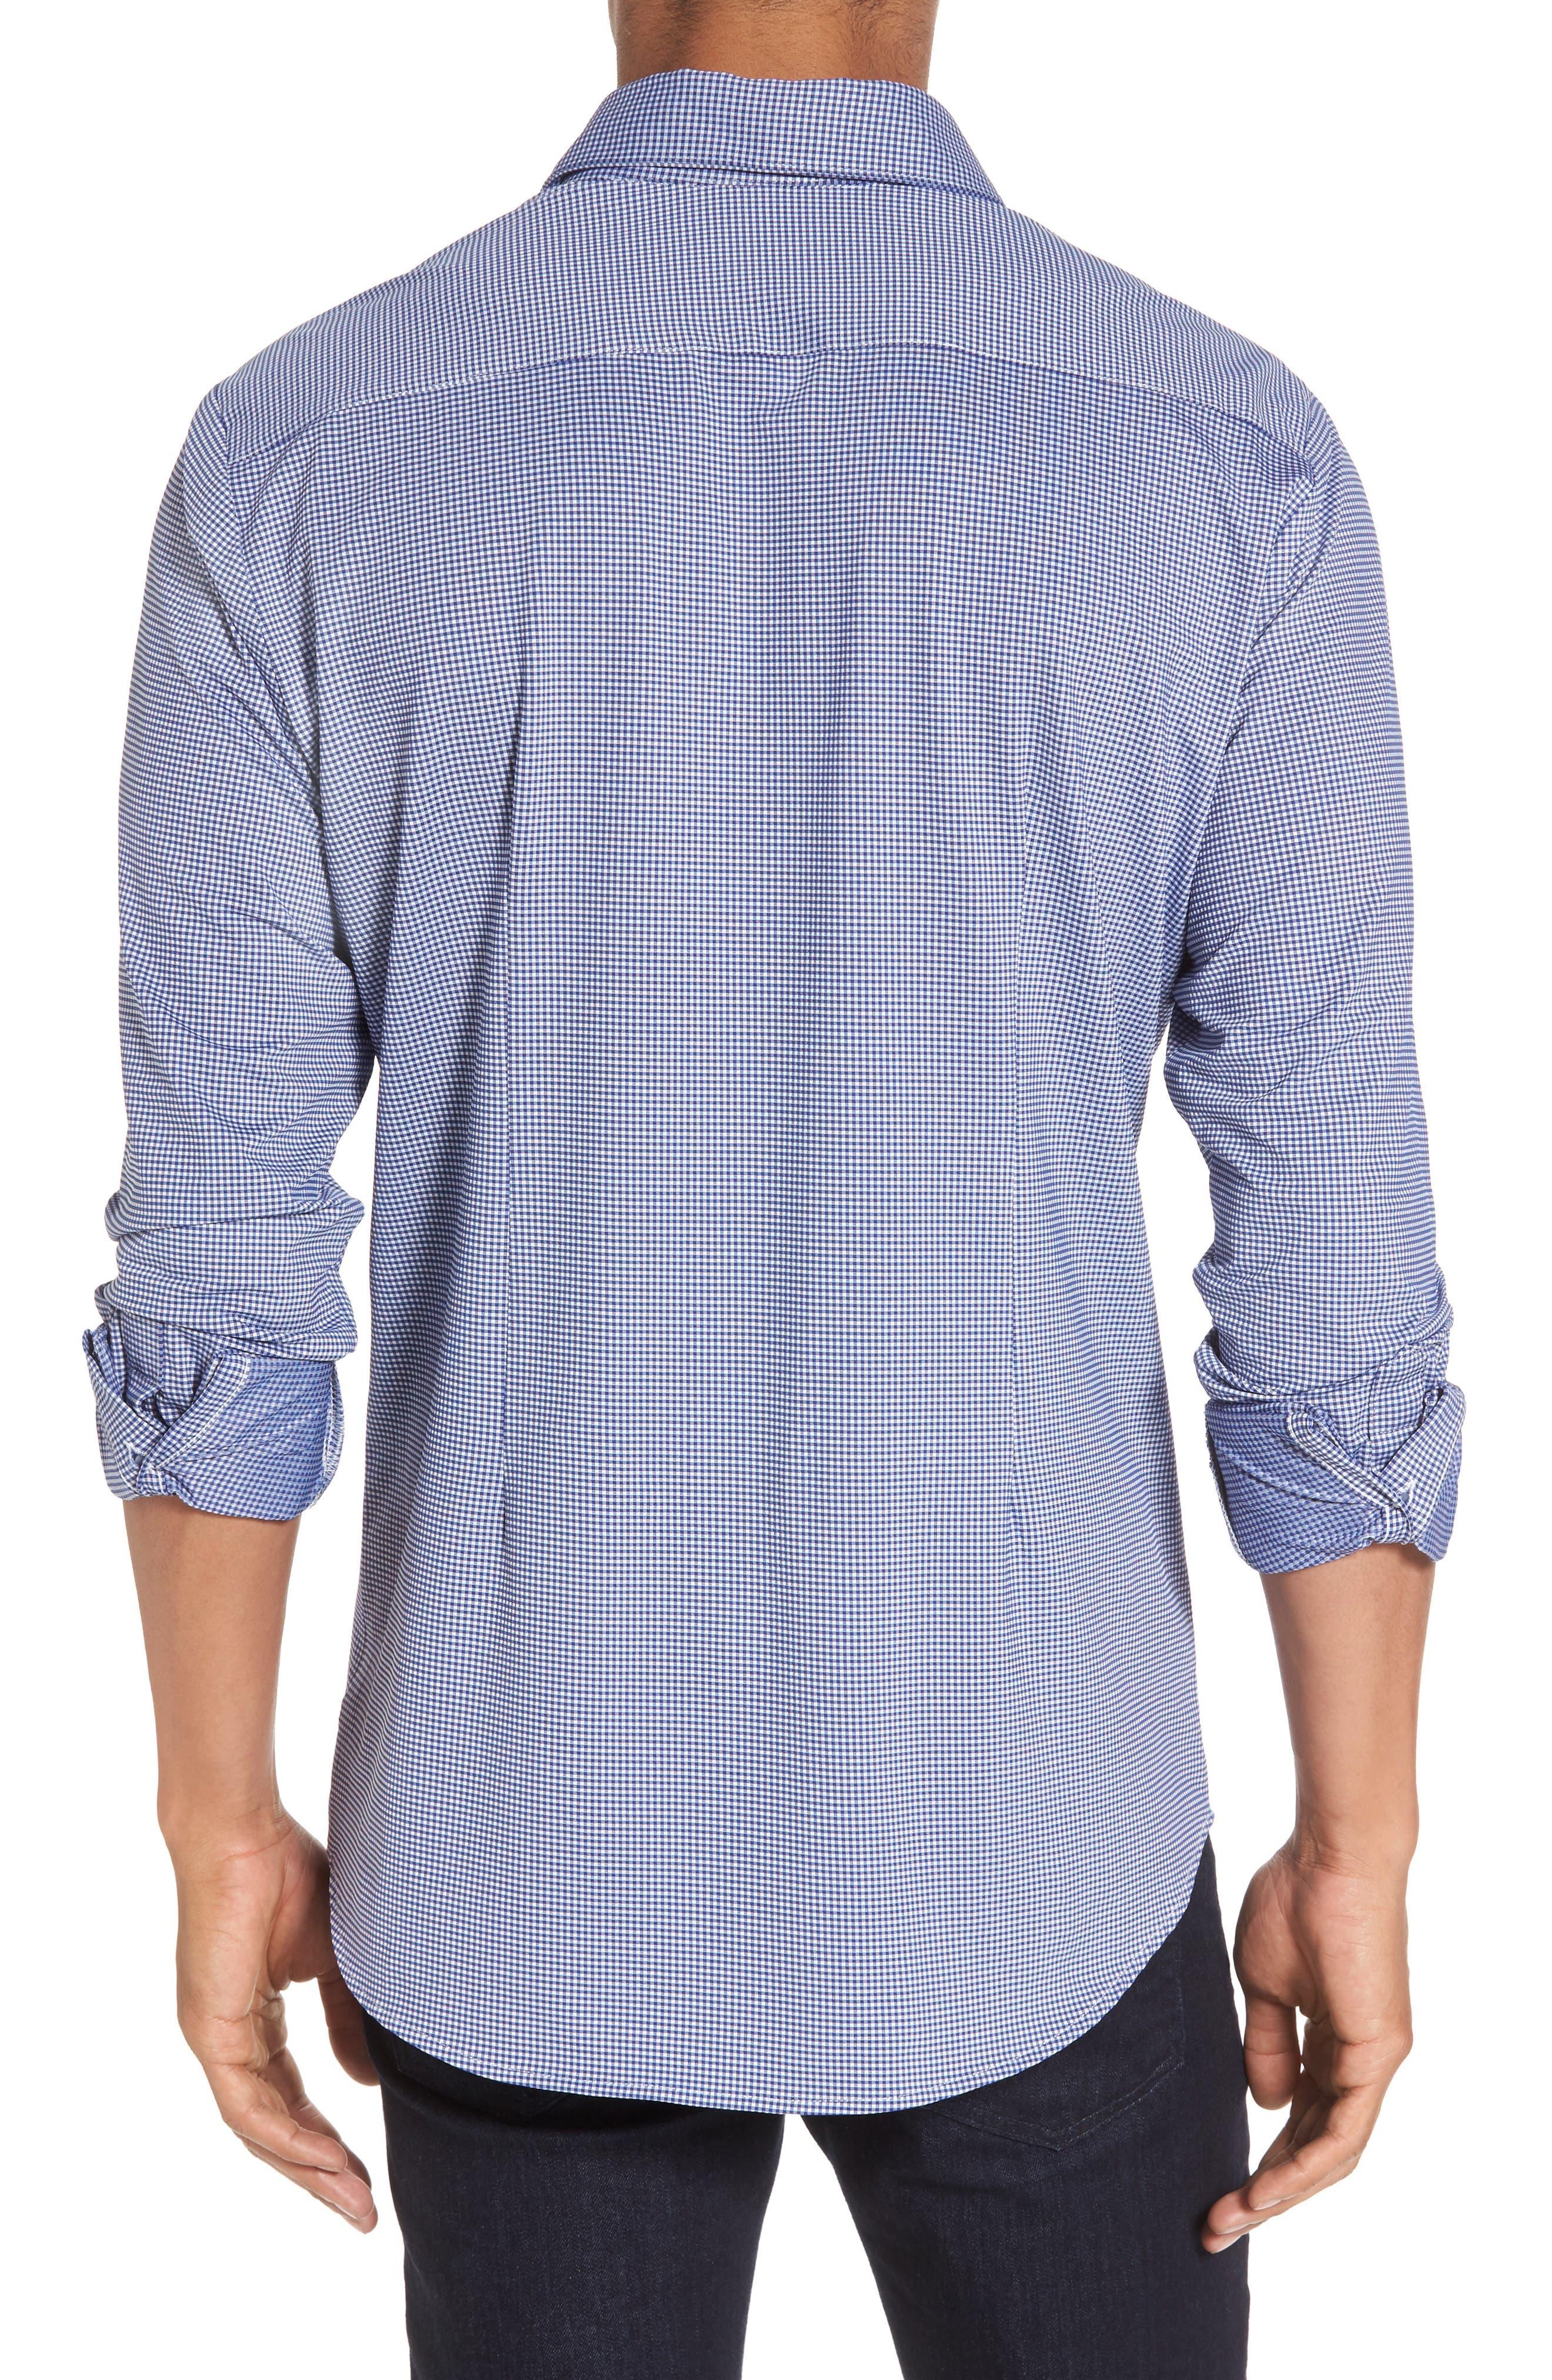 Davenport Gingham Sport Shirt,                             Alternate thumbnail 2, color,                             Black